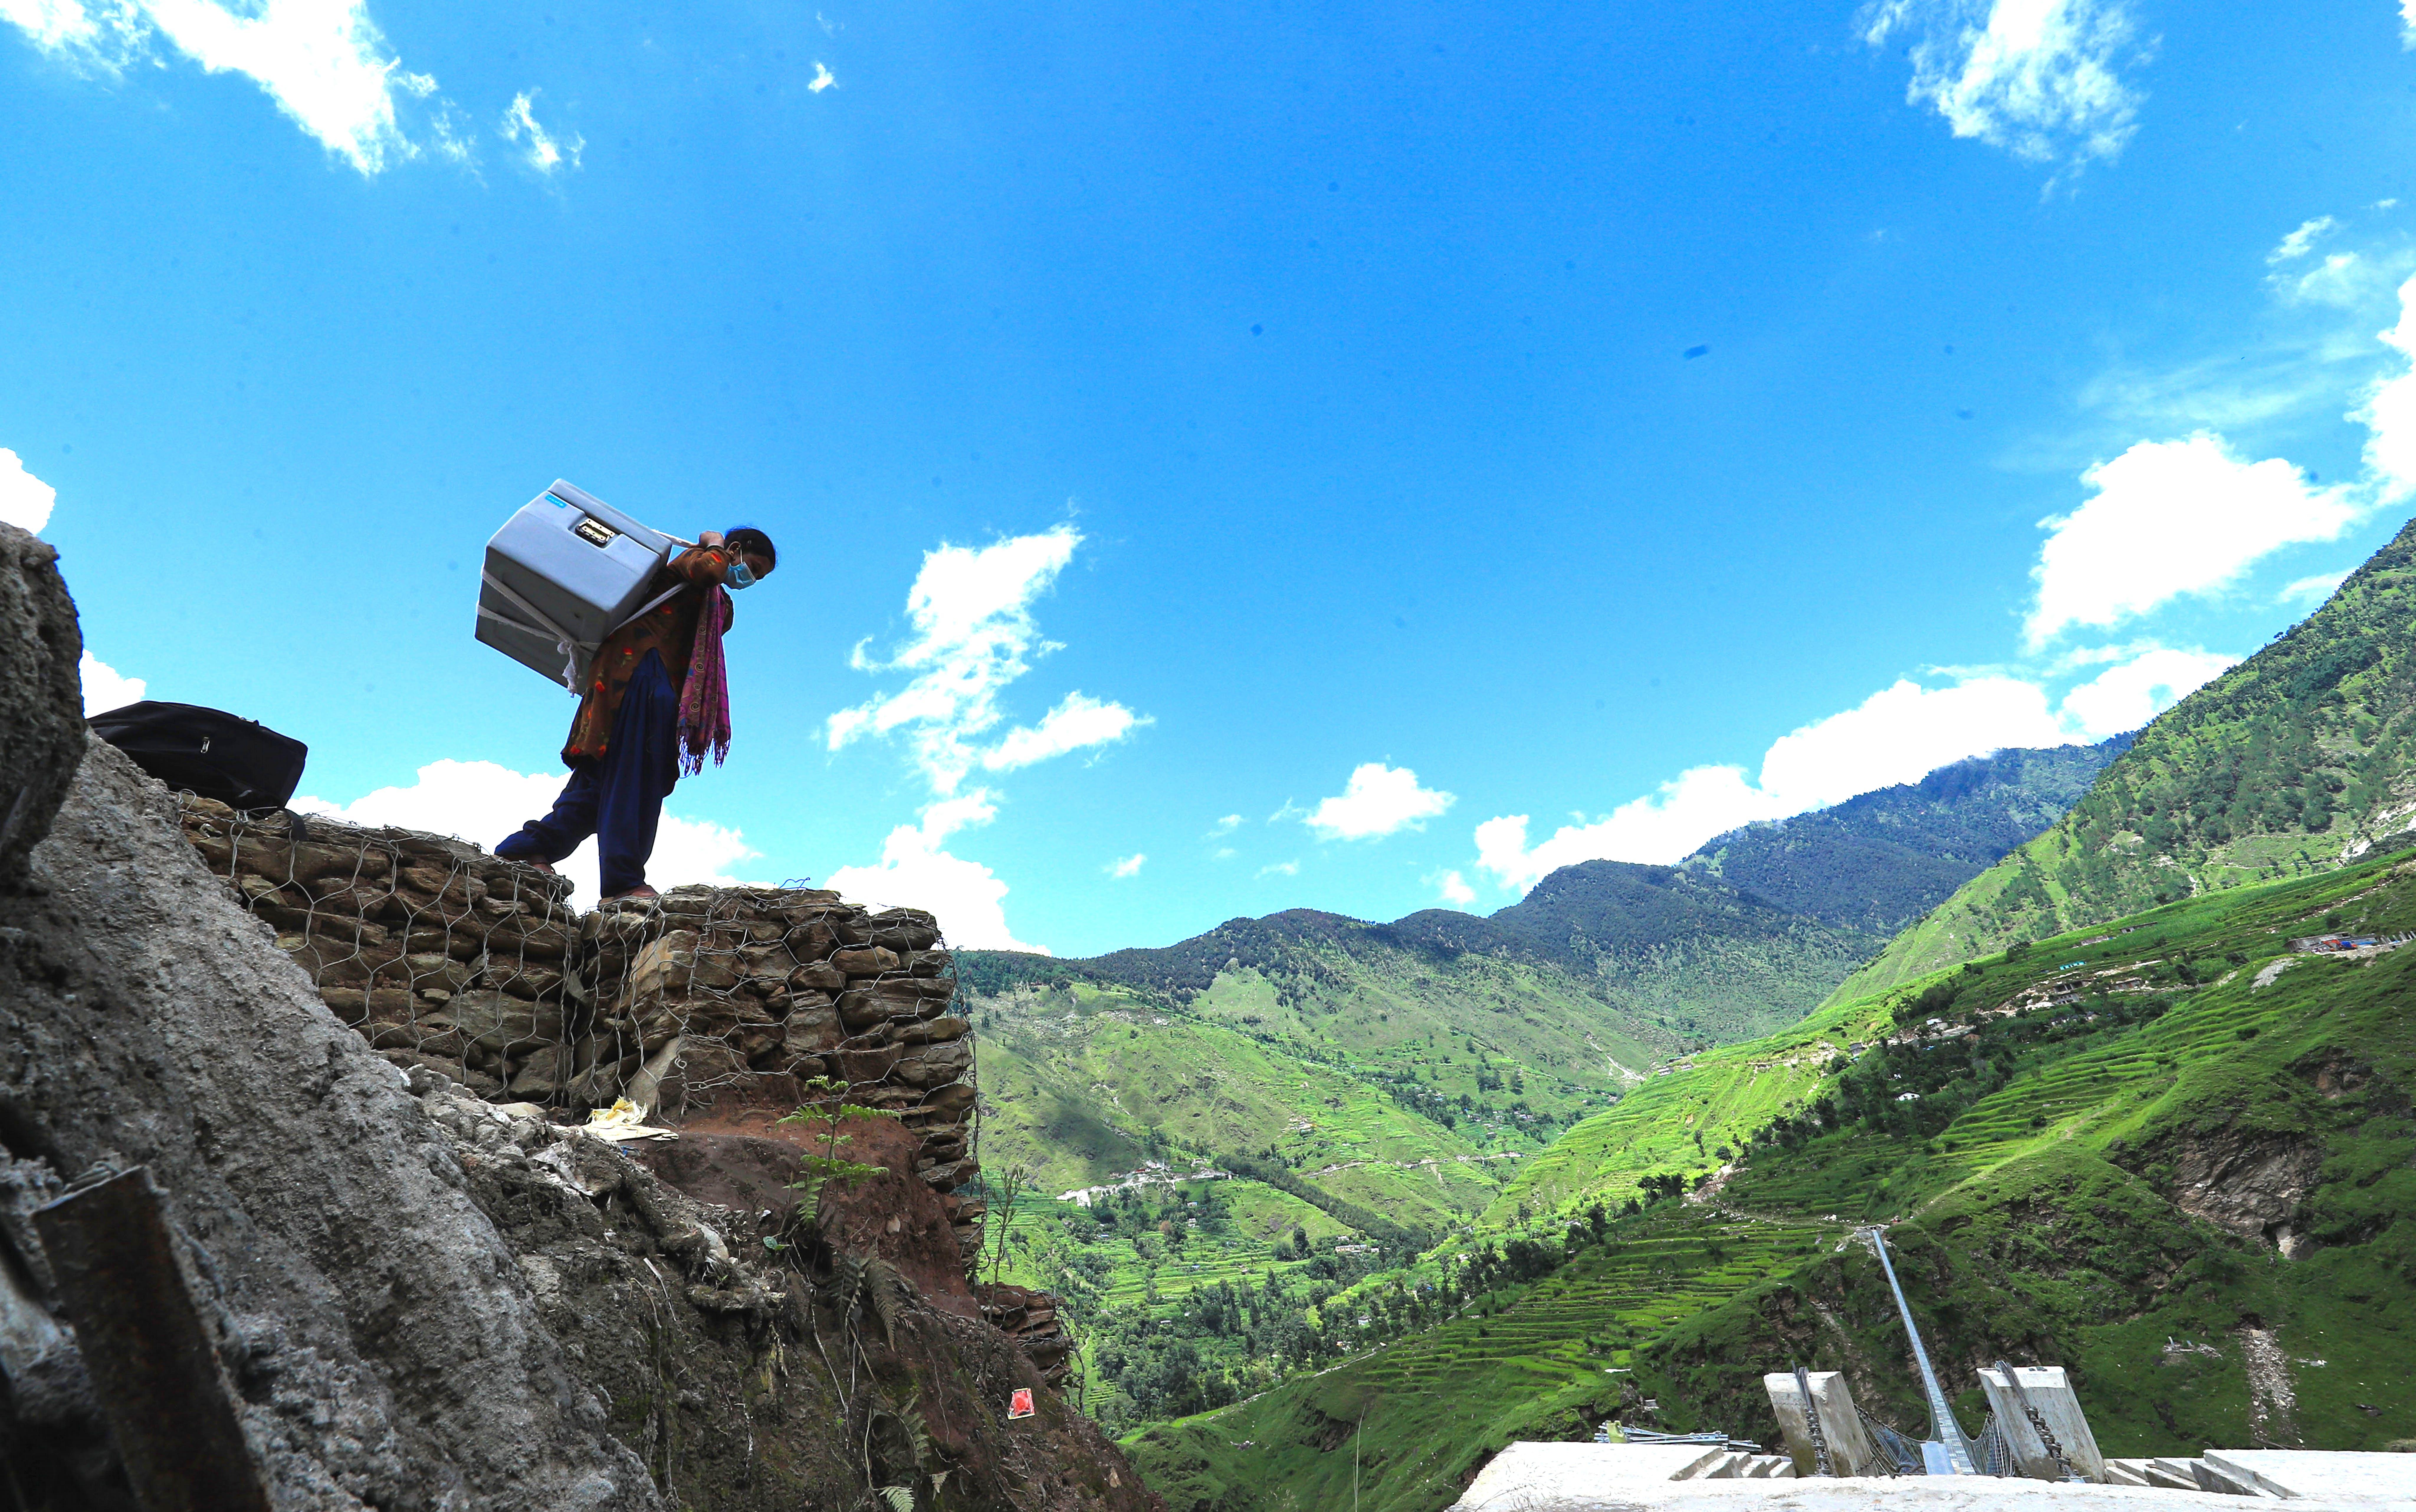 Birma, operatrice sanitaria, sta trasportando le dosi del vaccino anti COVID19 Johnson & Johnson in un'area remota del Nepal